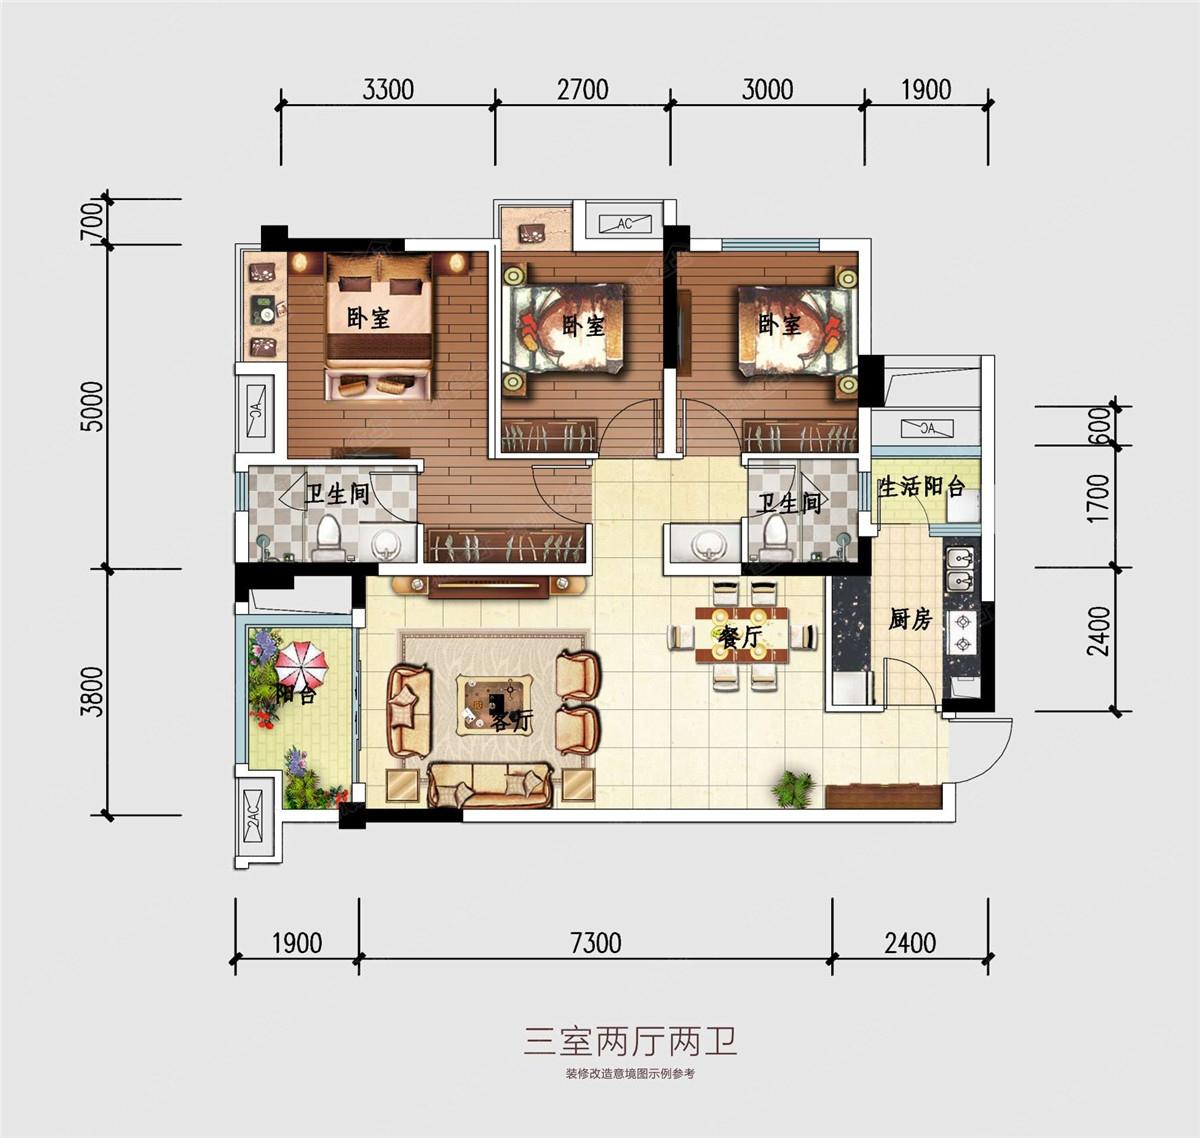 雍景苑三居室a`_雍景苑户型图-成都搜狐焦点网